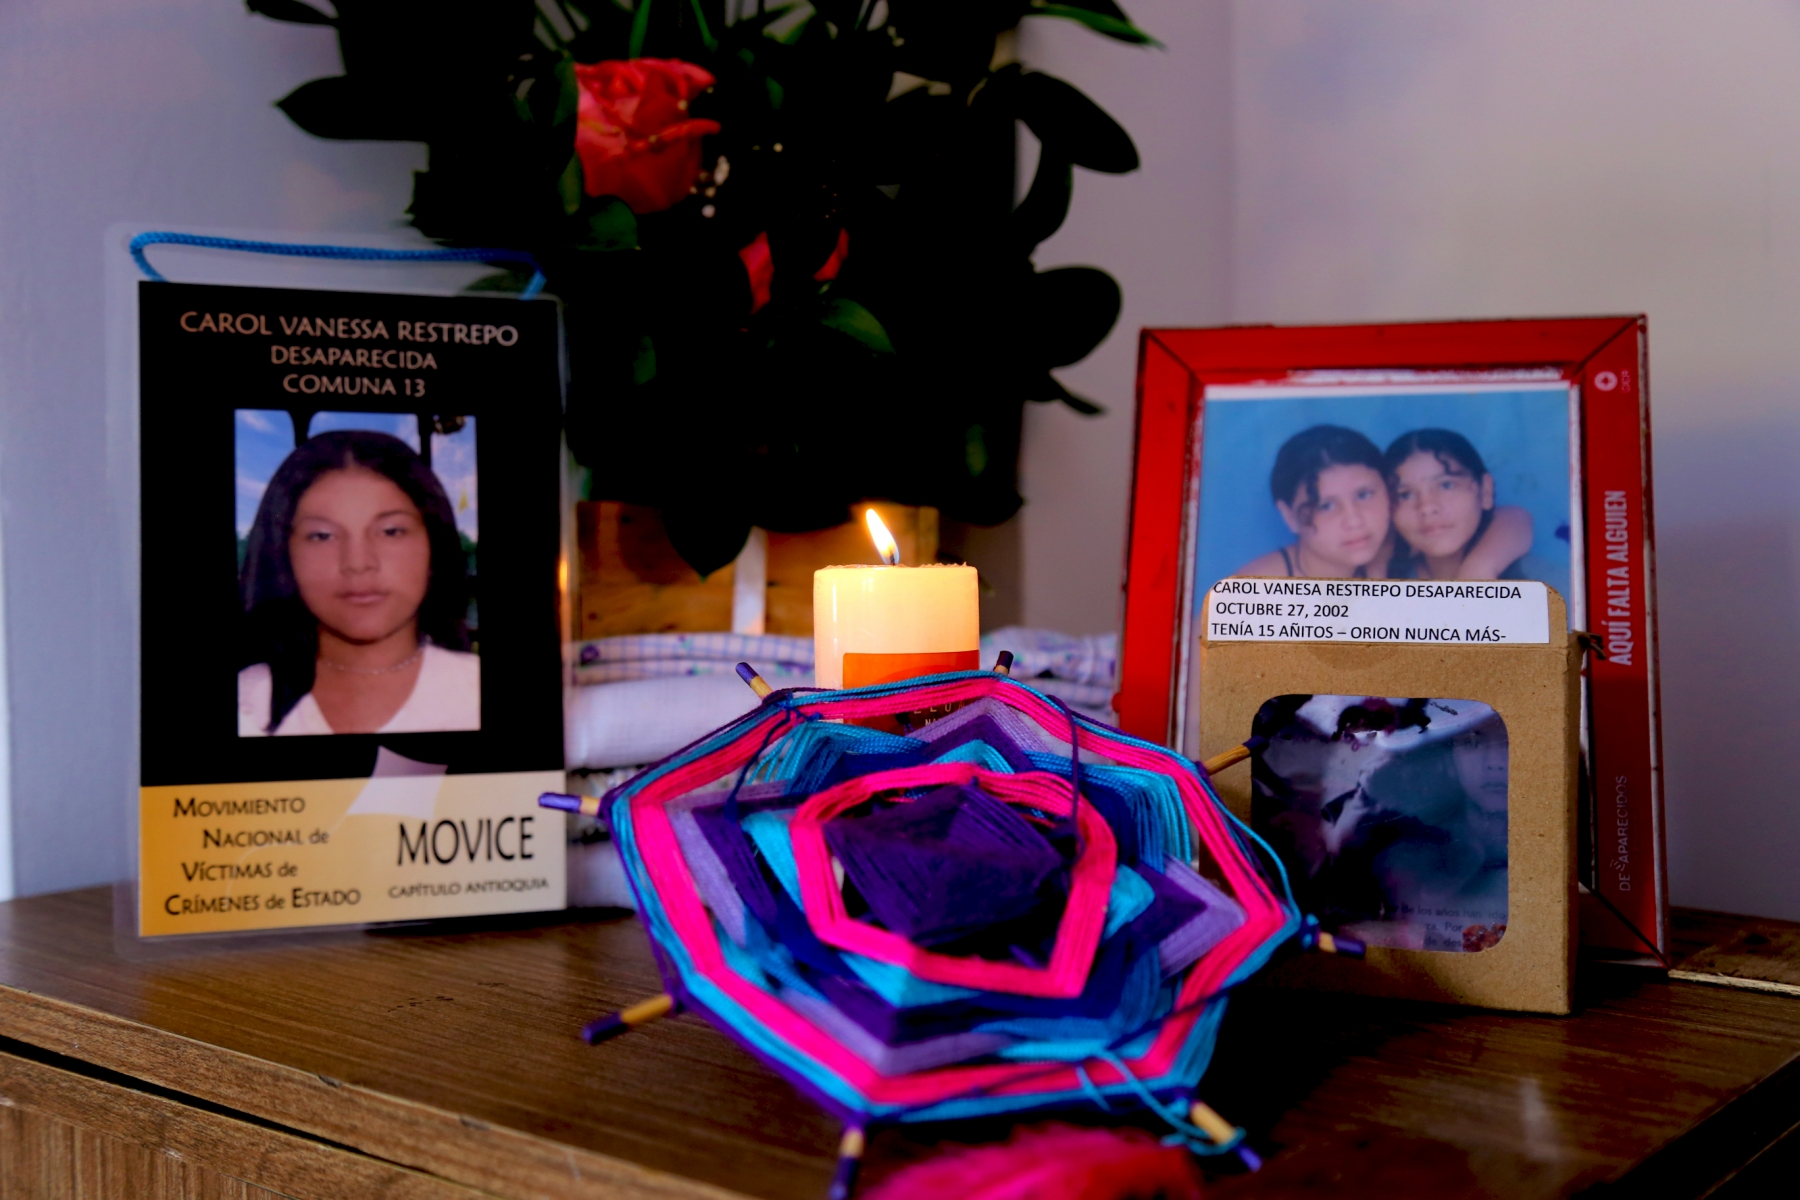 Carol Vanesa Restrepo: Desaparecida el 25 de Octubre de 2002 en la Comuna 13 de Medellín.